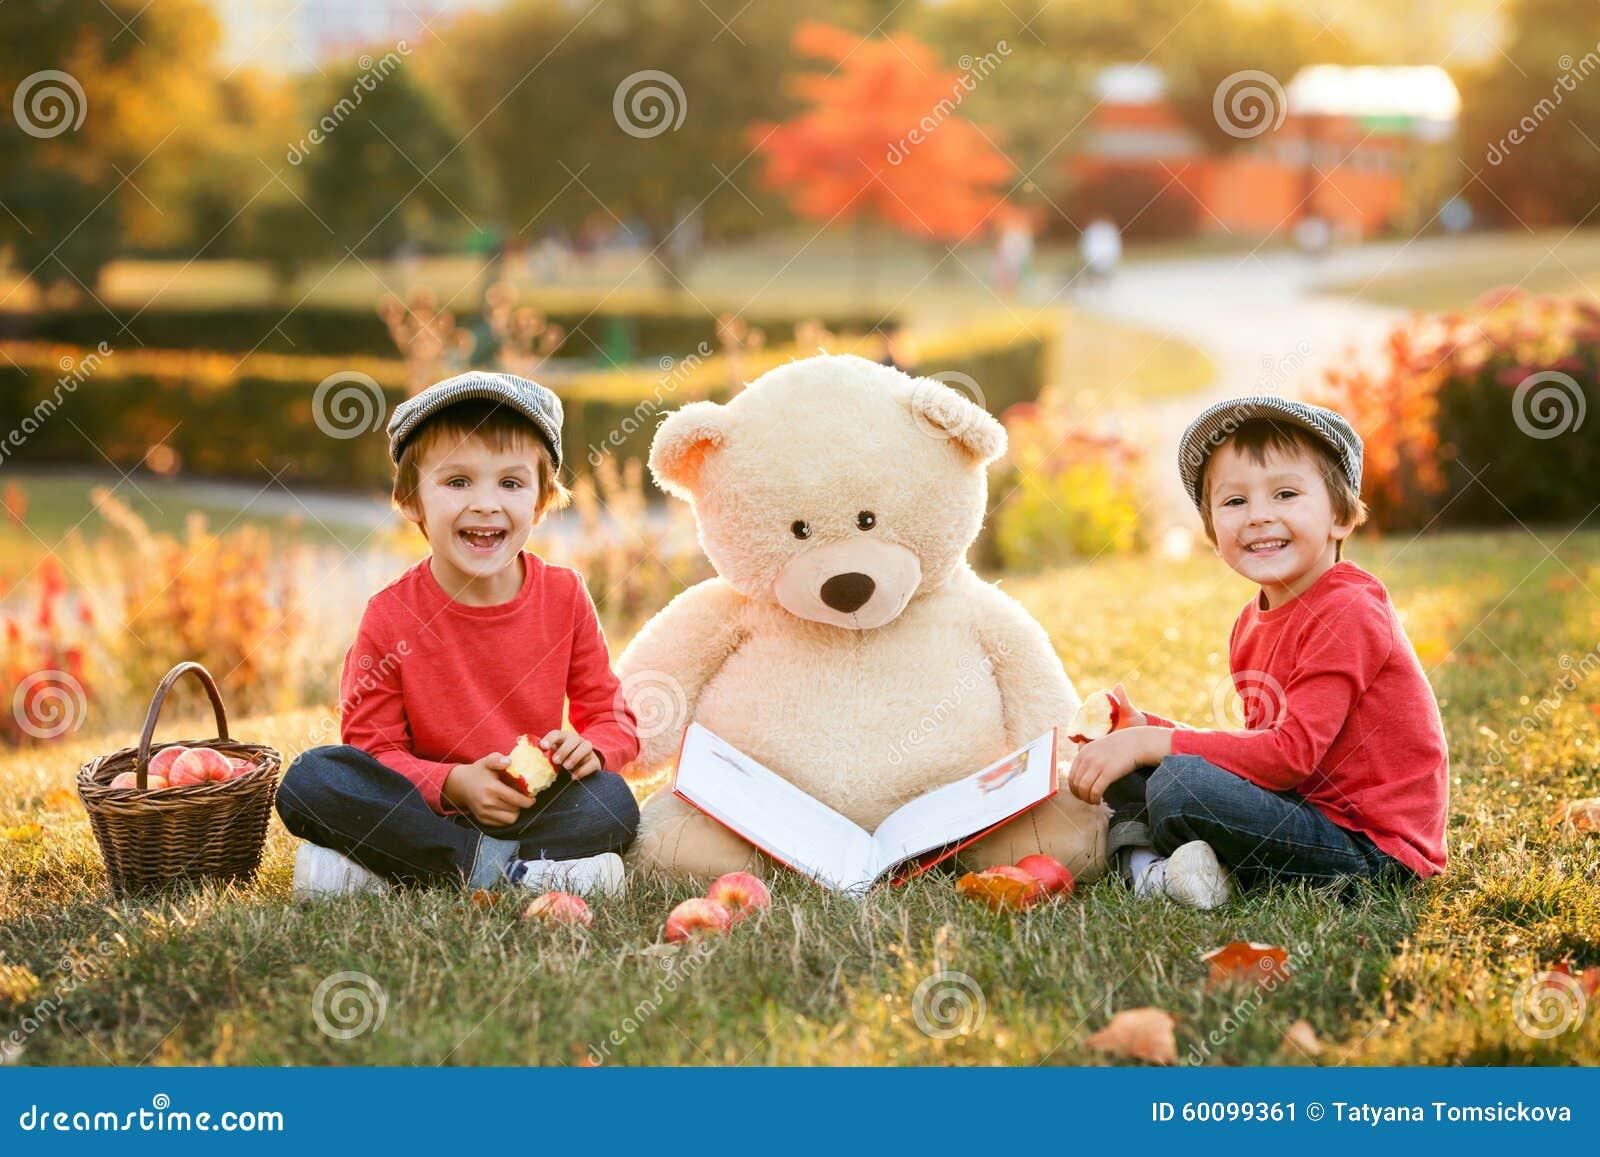 Dos niños pequeños adorables con su amigo del oso de peluche en el parque